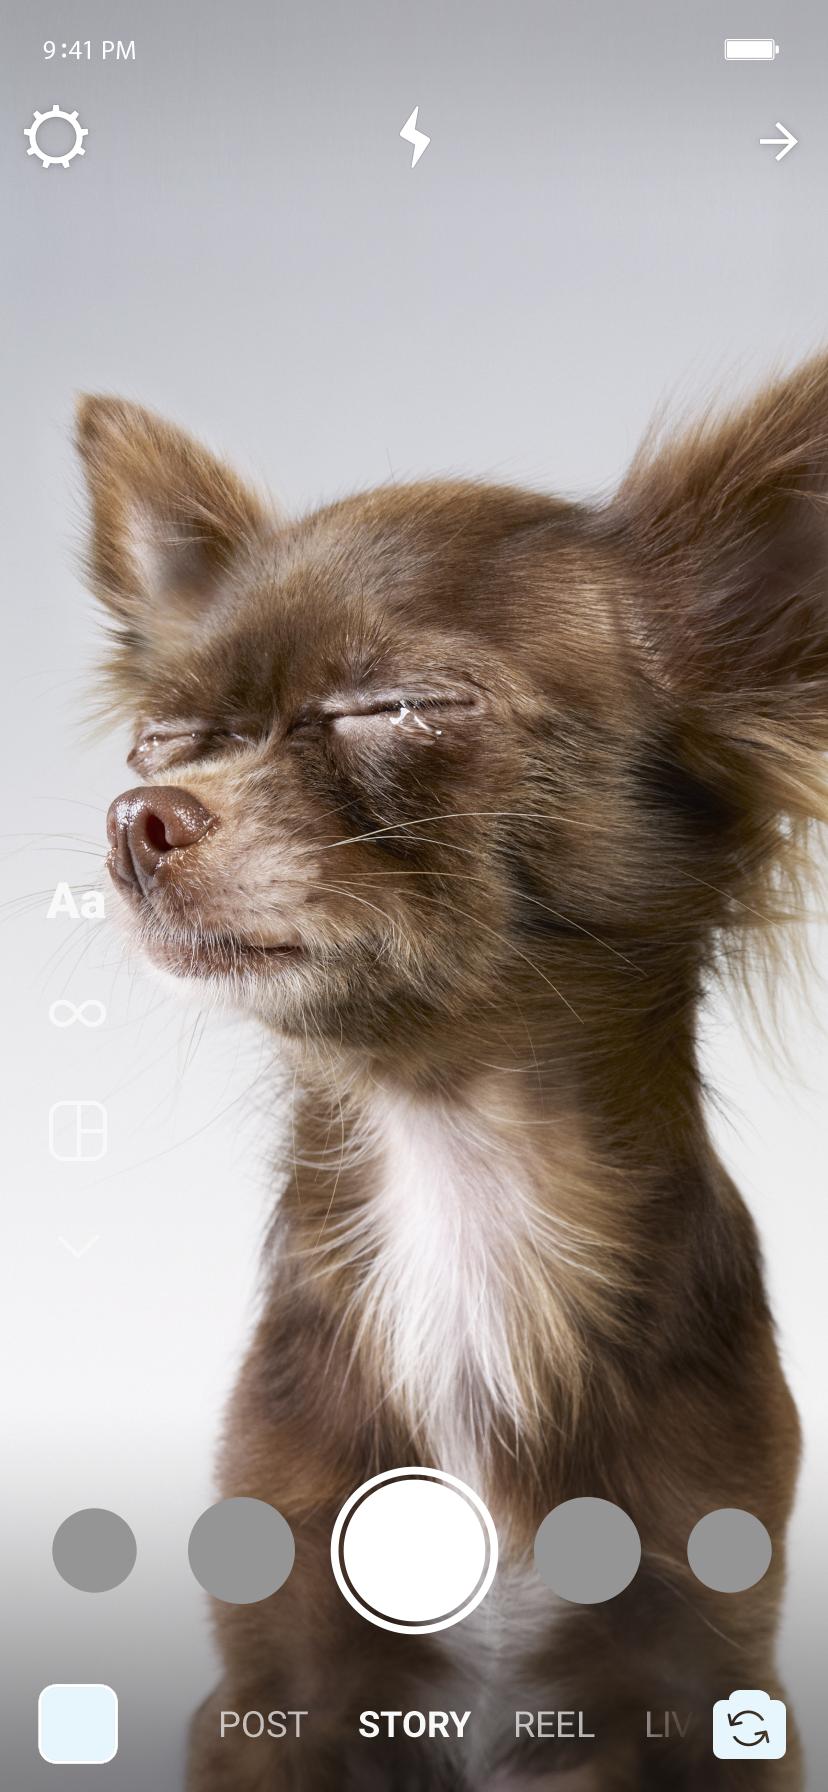 No story, um cachorrinho com os olhos fechados e uma lágrima sobre suas páltebras.